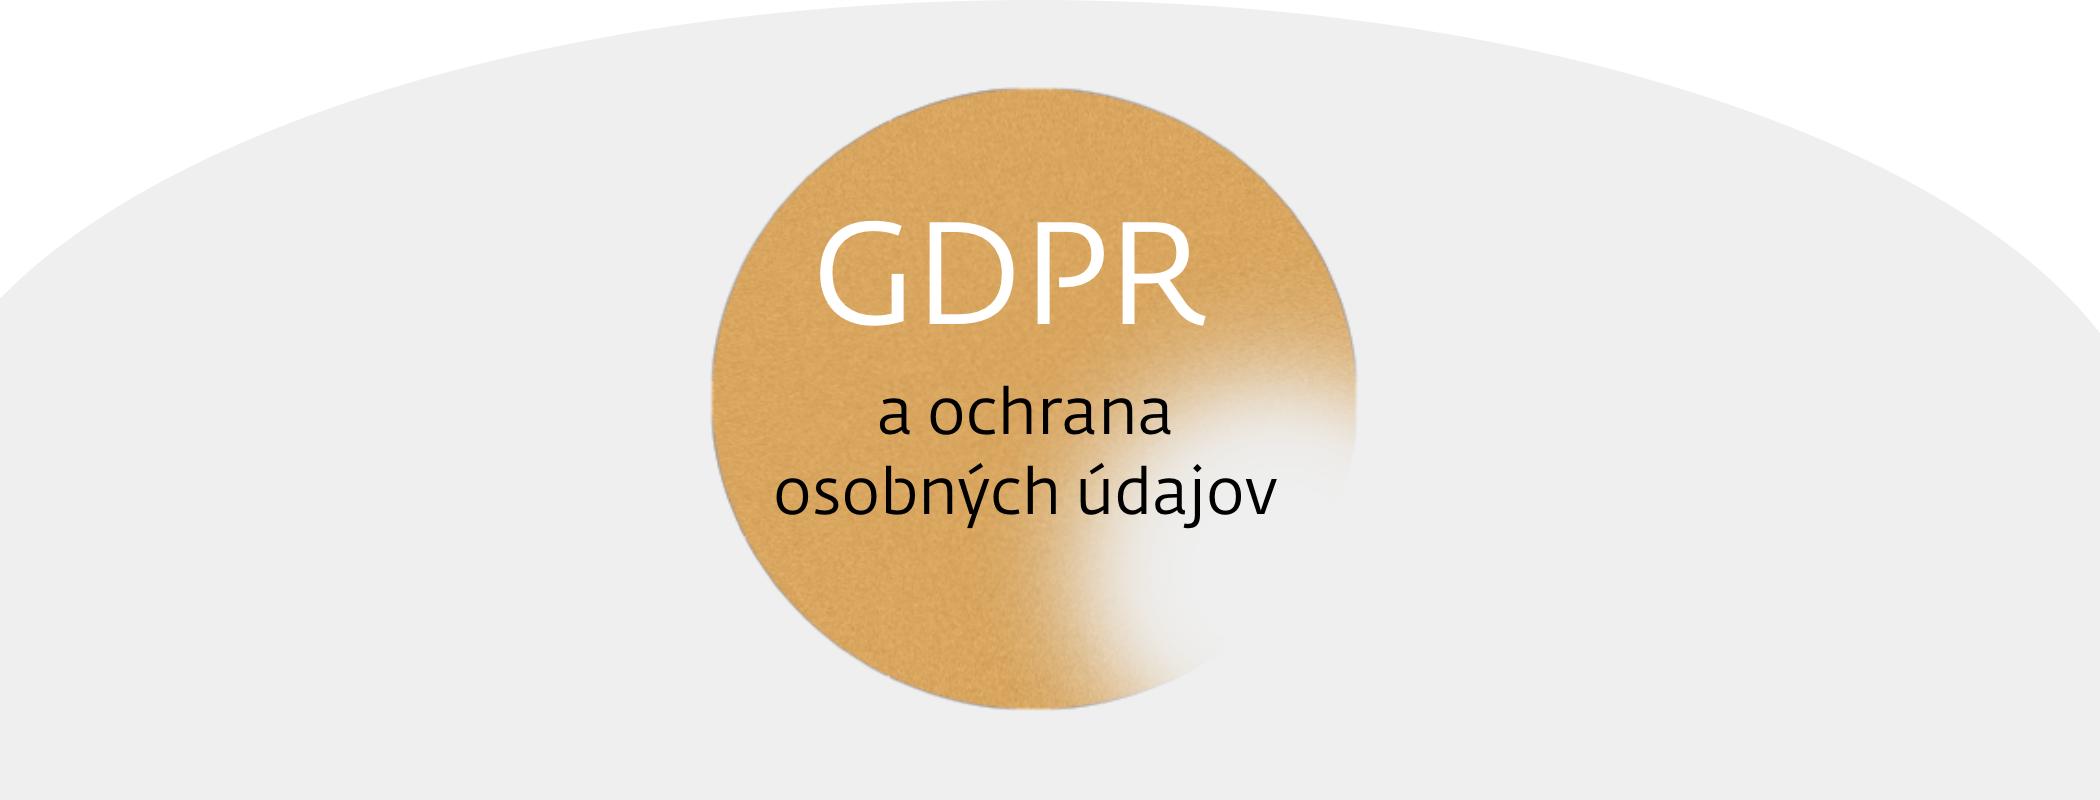 GDPR a Ochrana osobných údajov